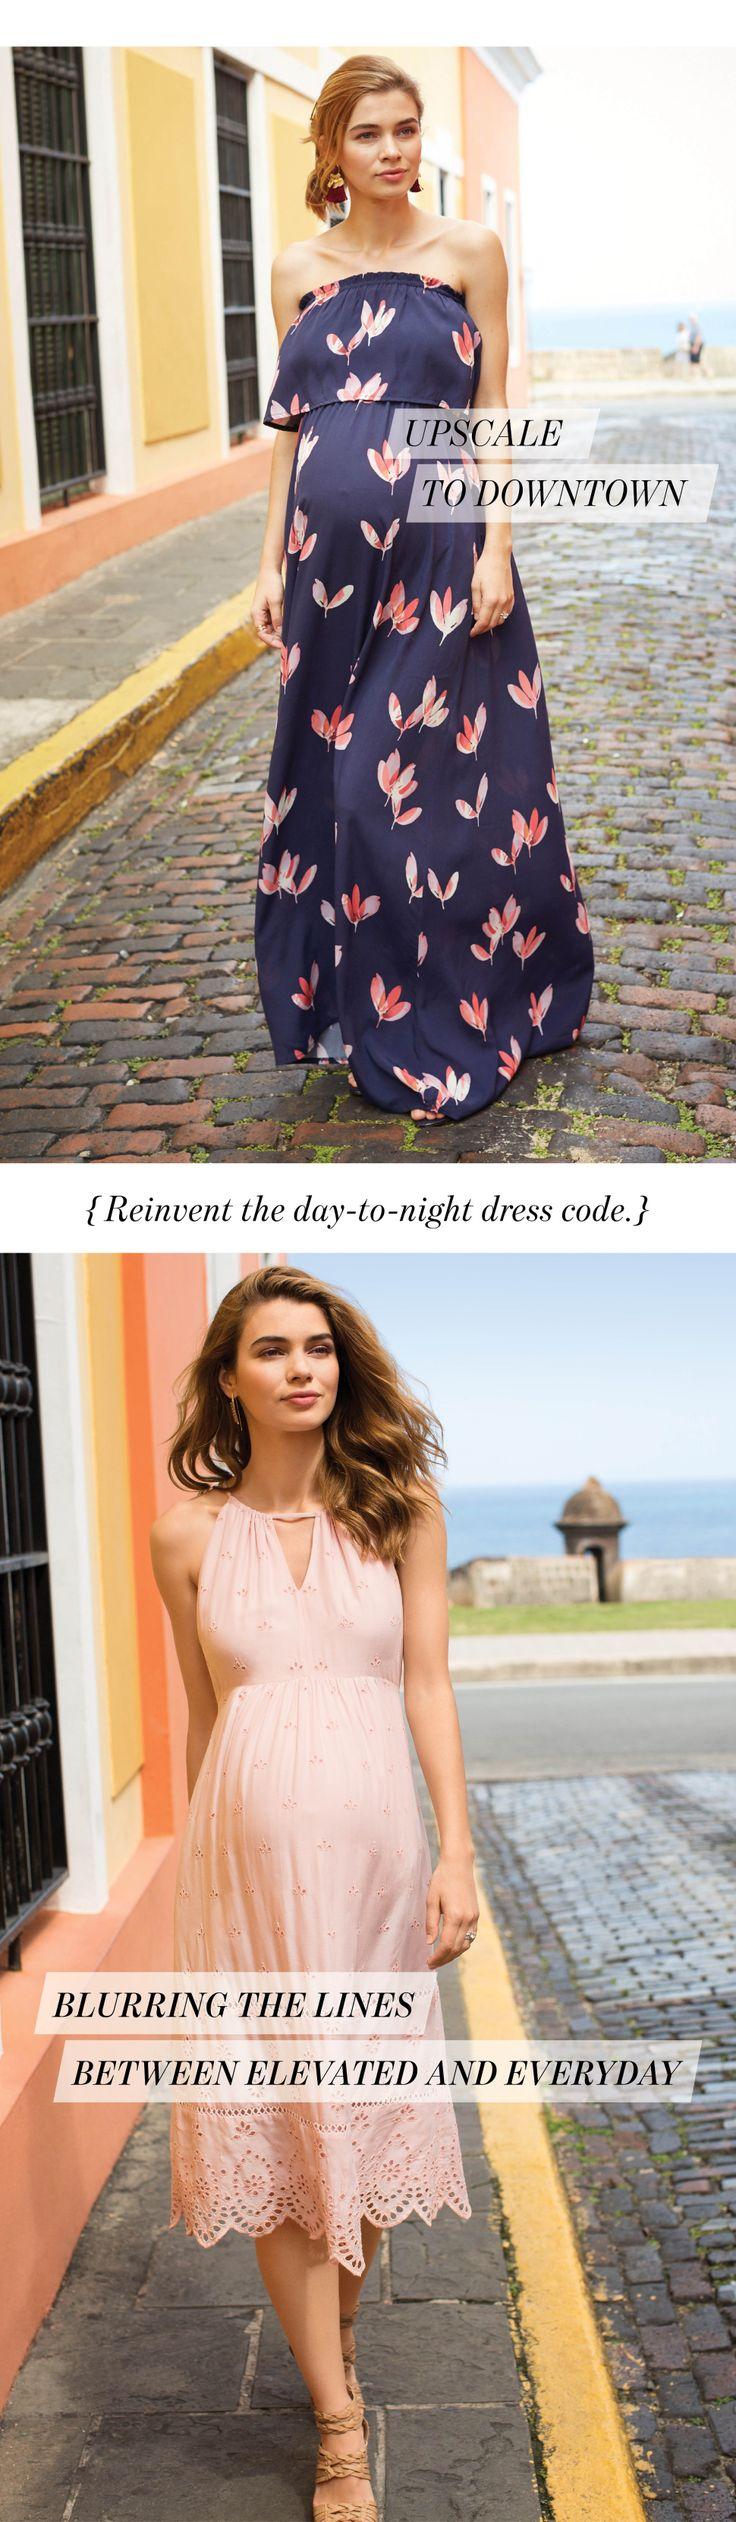 Best 20+ Summer maternity style ideas on Pinterest | Summer ...